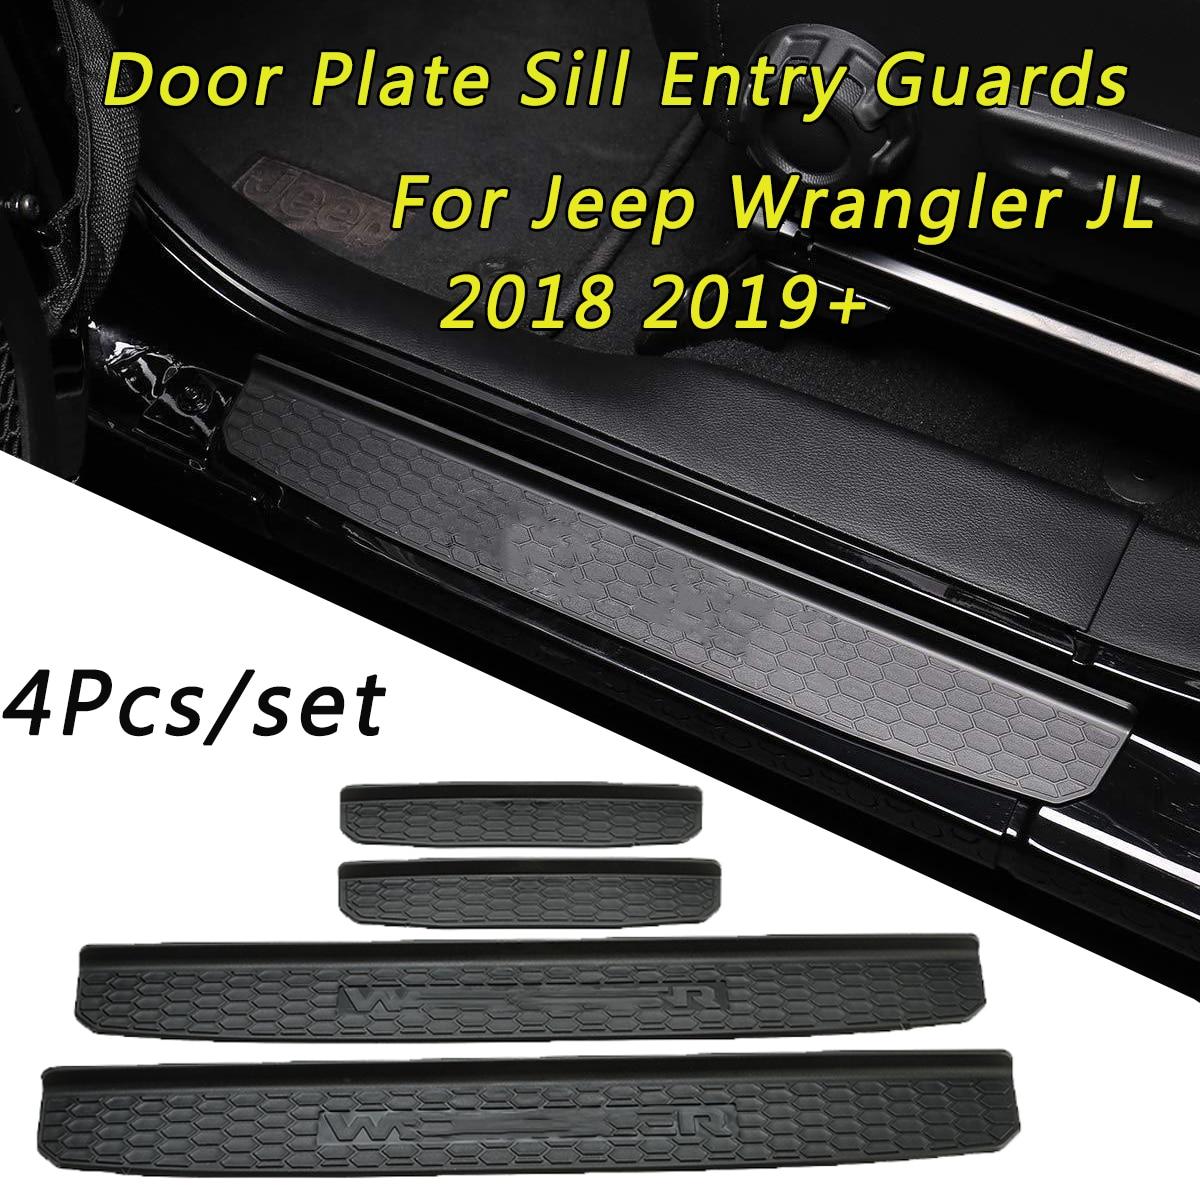 1 Set Door Plate Sill Entry Guards For Jeep Wrangler JL 2018 2019+ 4-Door Accessories Car Door Panels Car Styling1 Set Door Plate Sill Entry Guards For Jeep Wrangler JL 2018 2019+ 4-Door Accessories Car Door Panels Car Styling